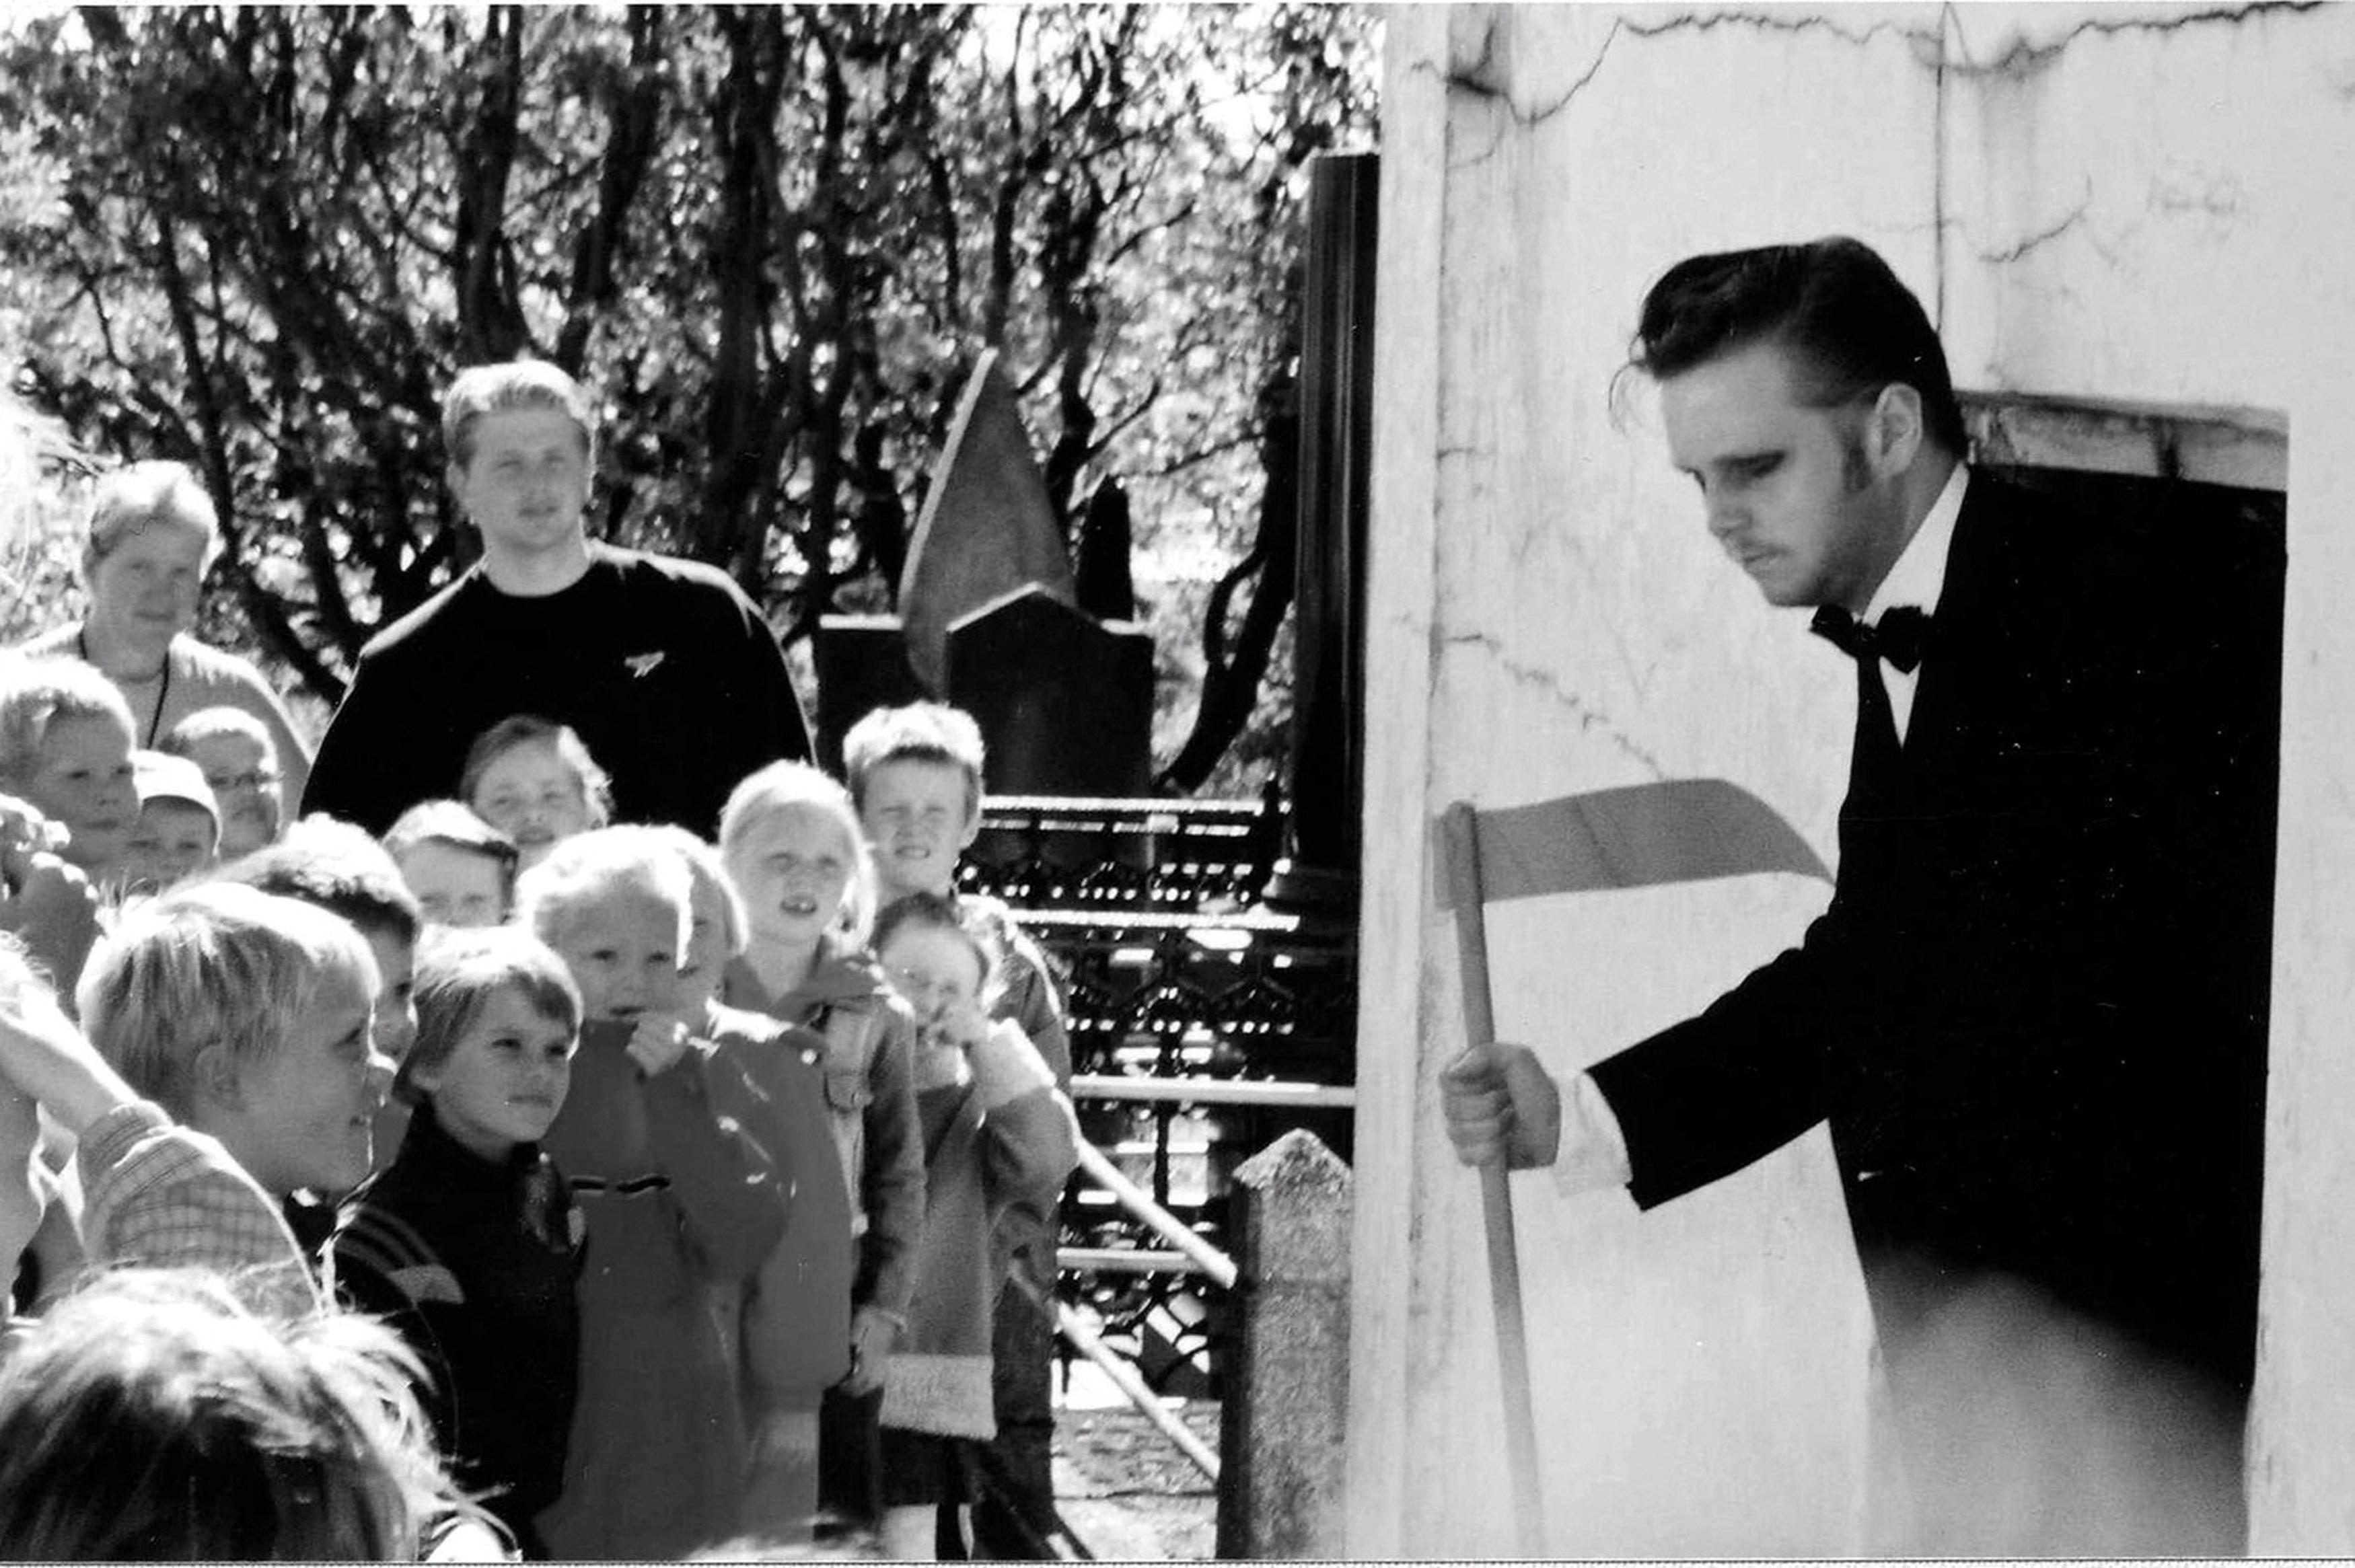 Ragnar Kjartansson - Death and the children, 2002